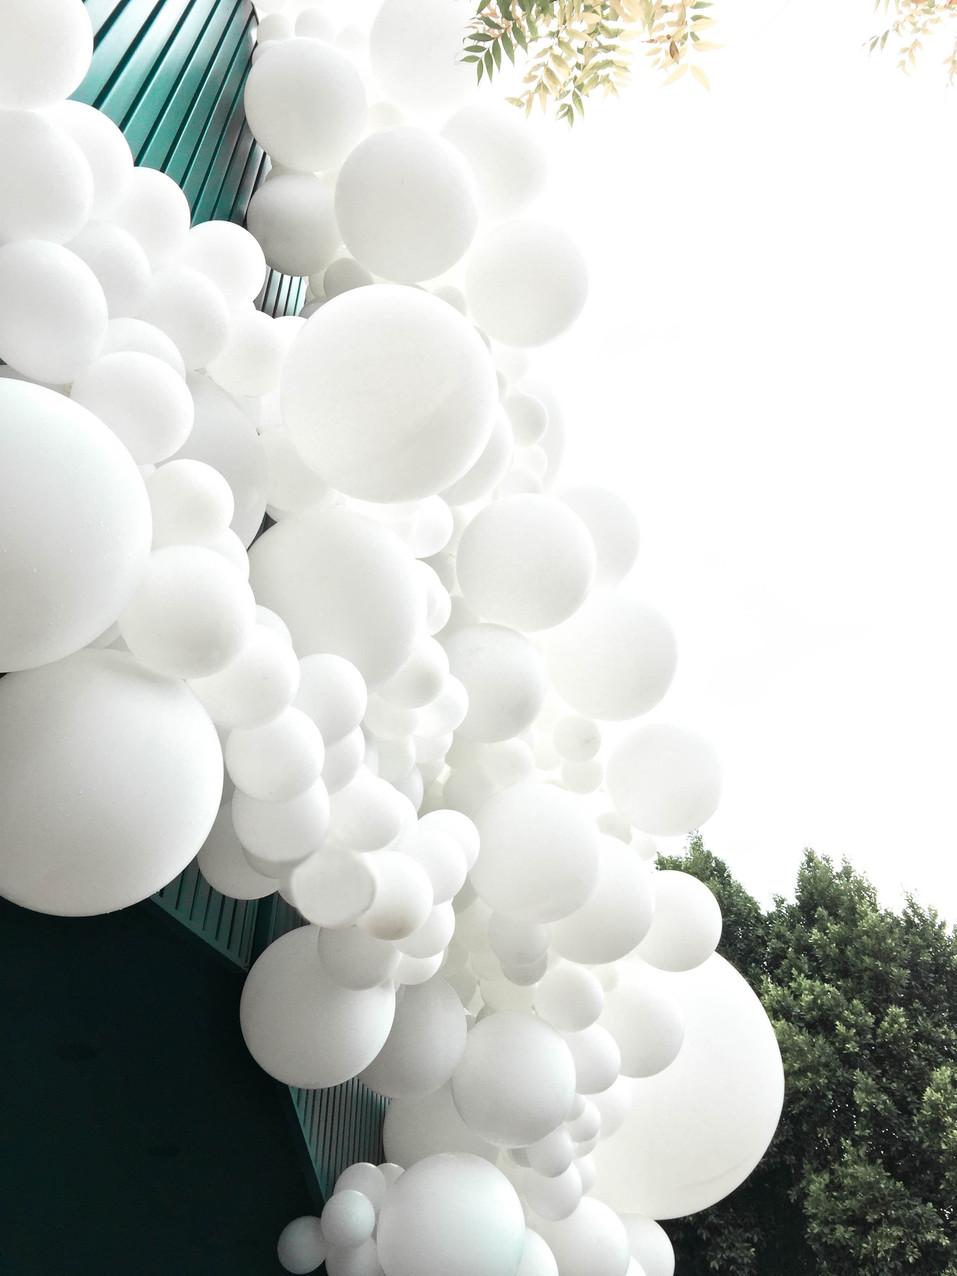 Balloon Installation_Carris Bennett Christianson